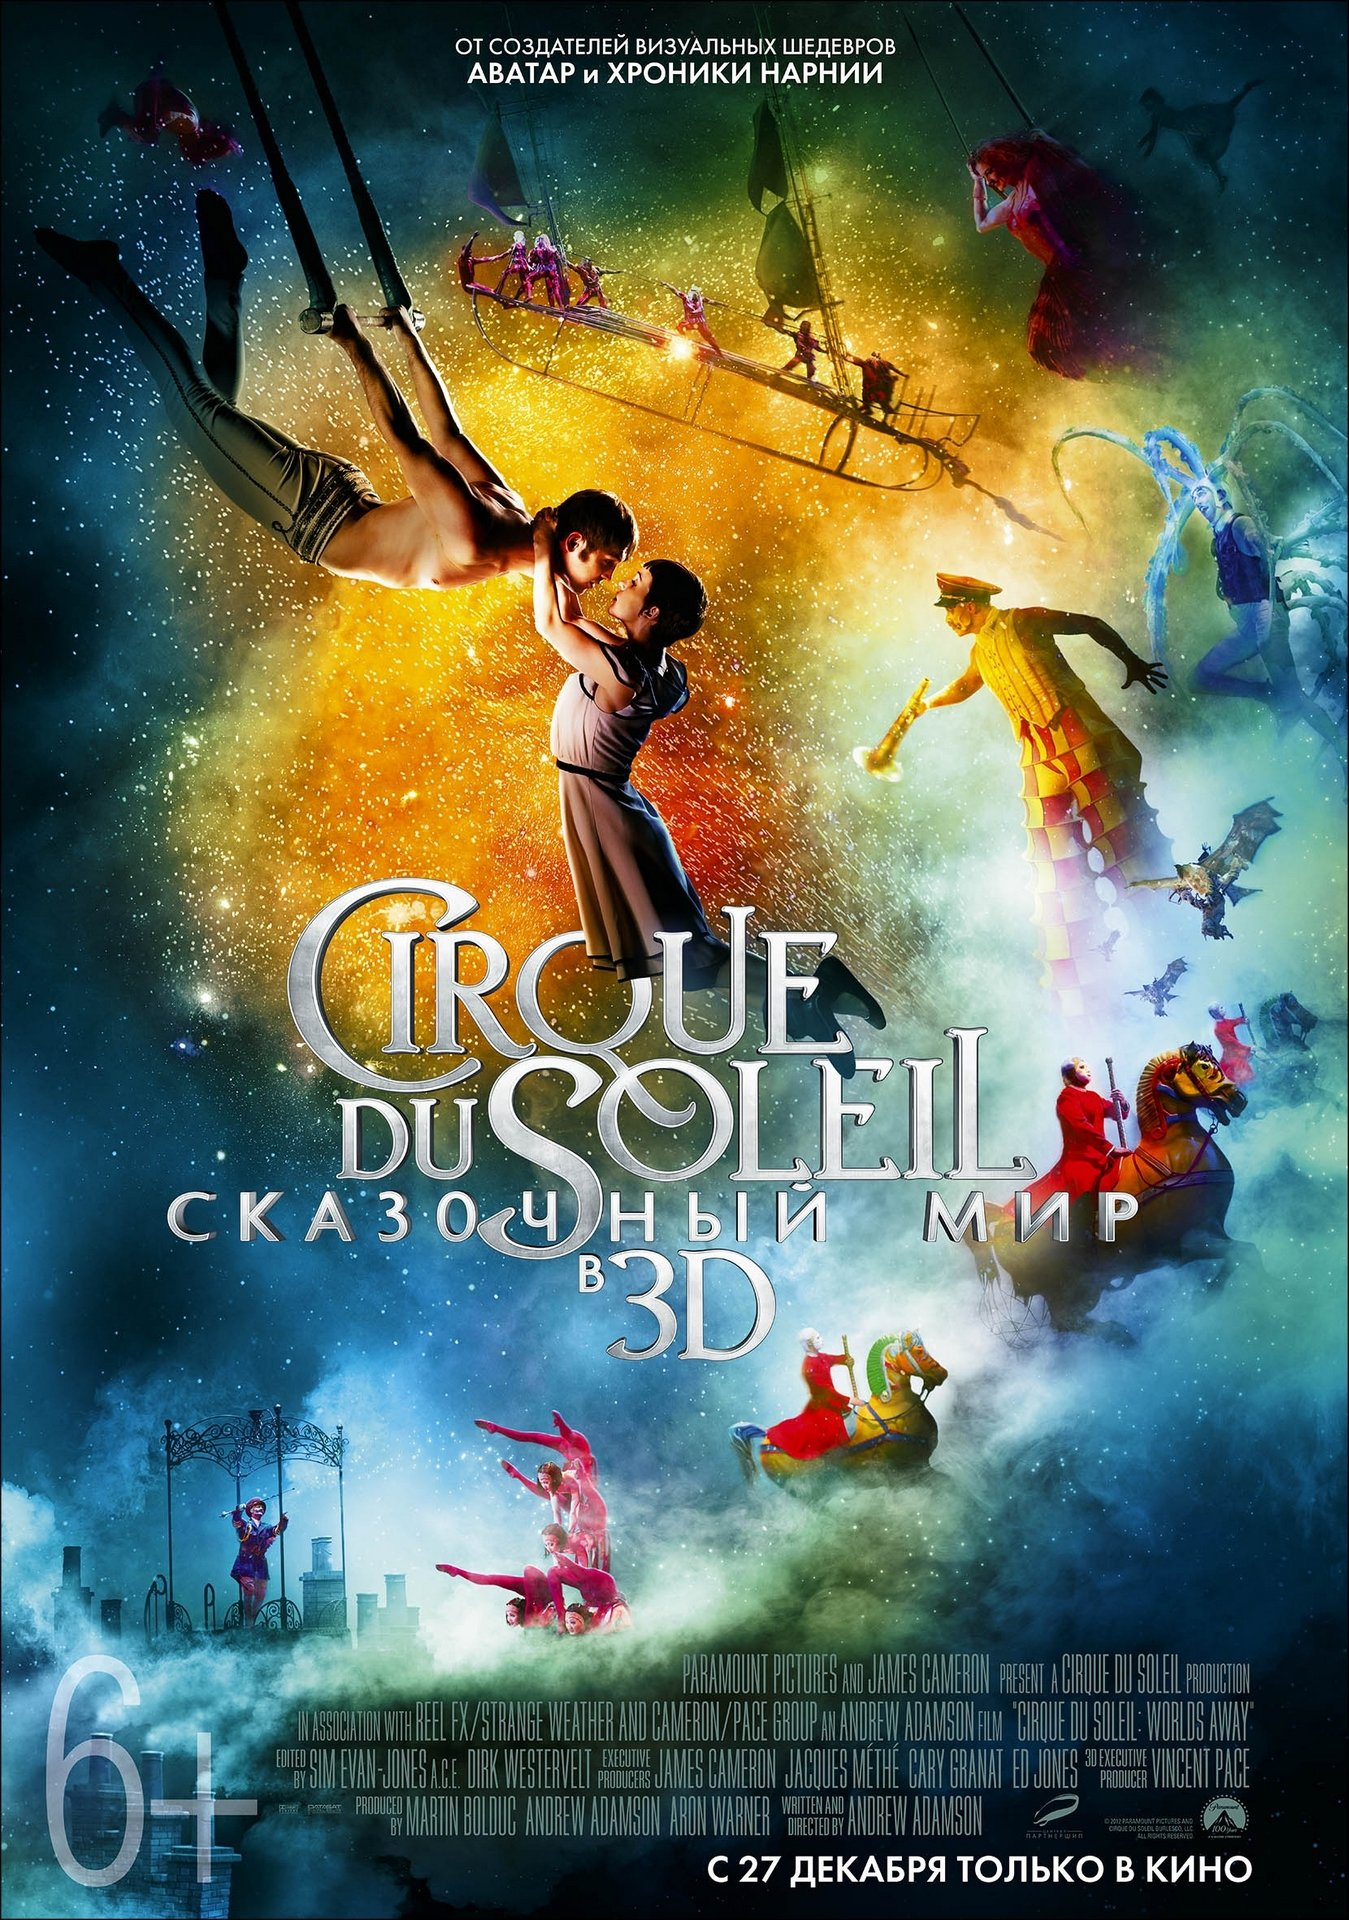 Cirque du Soleil: Сказочный мир, постер № 4